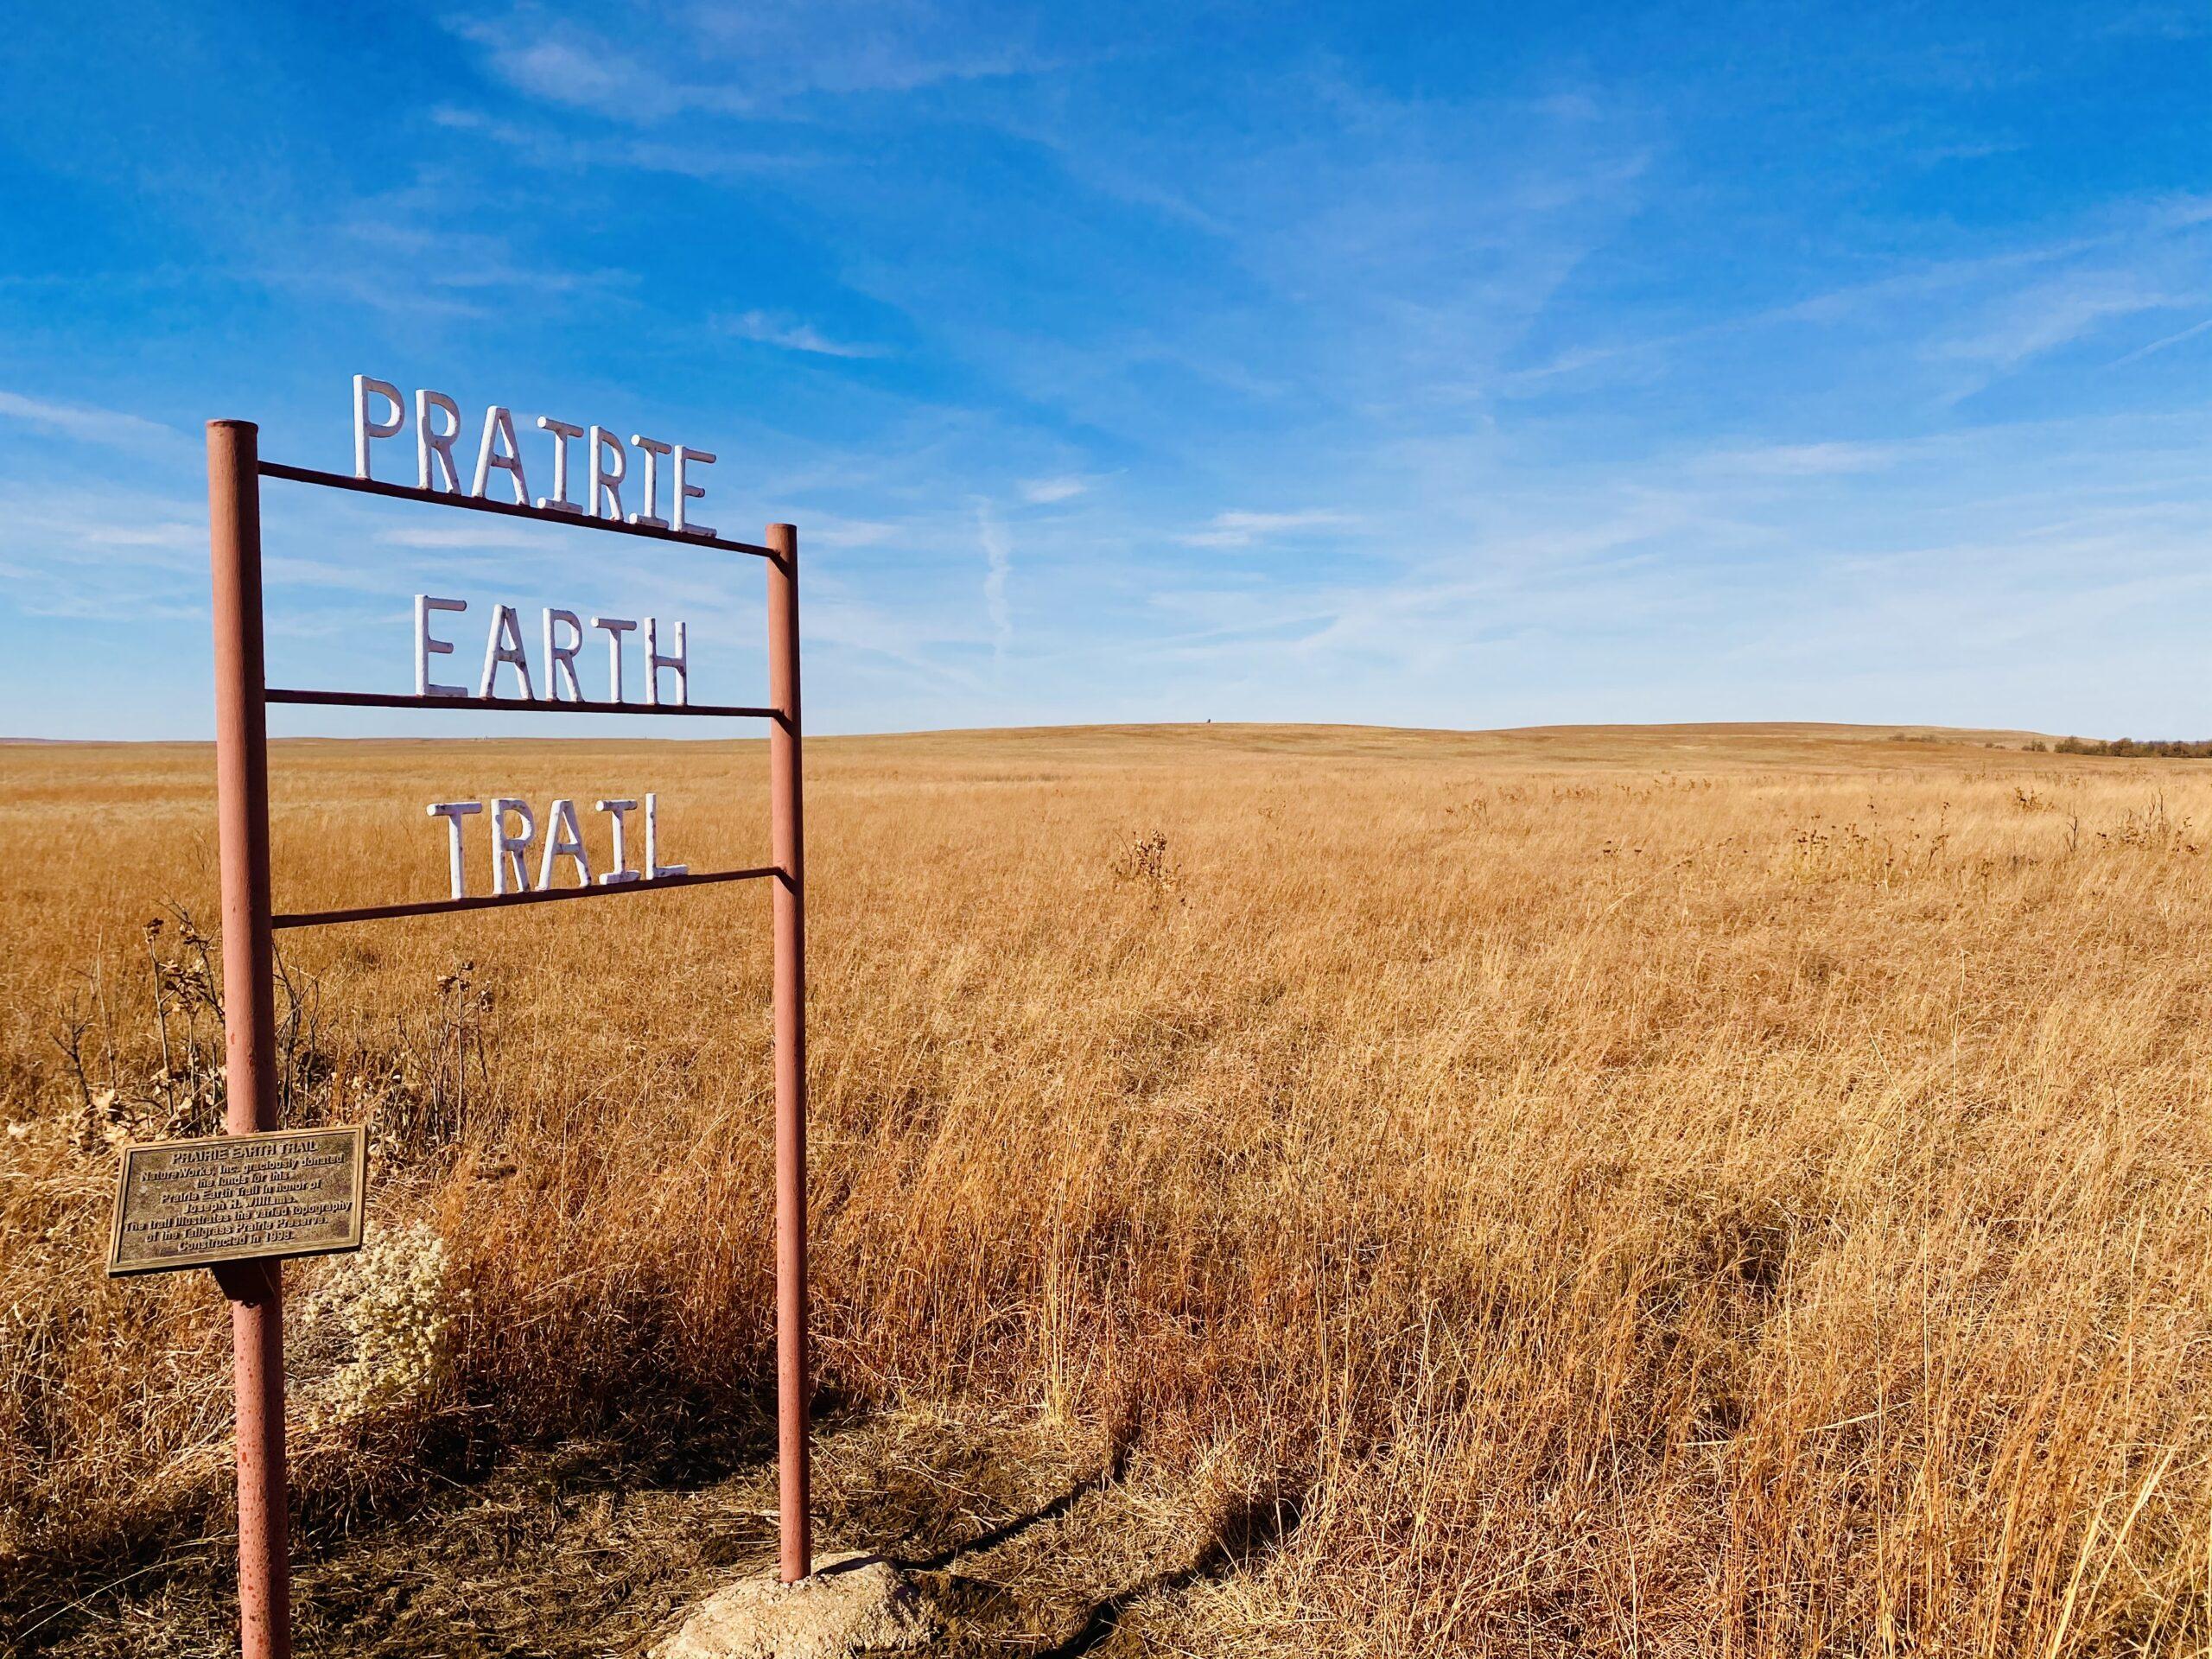 Prairie Earth Trail sign